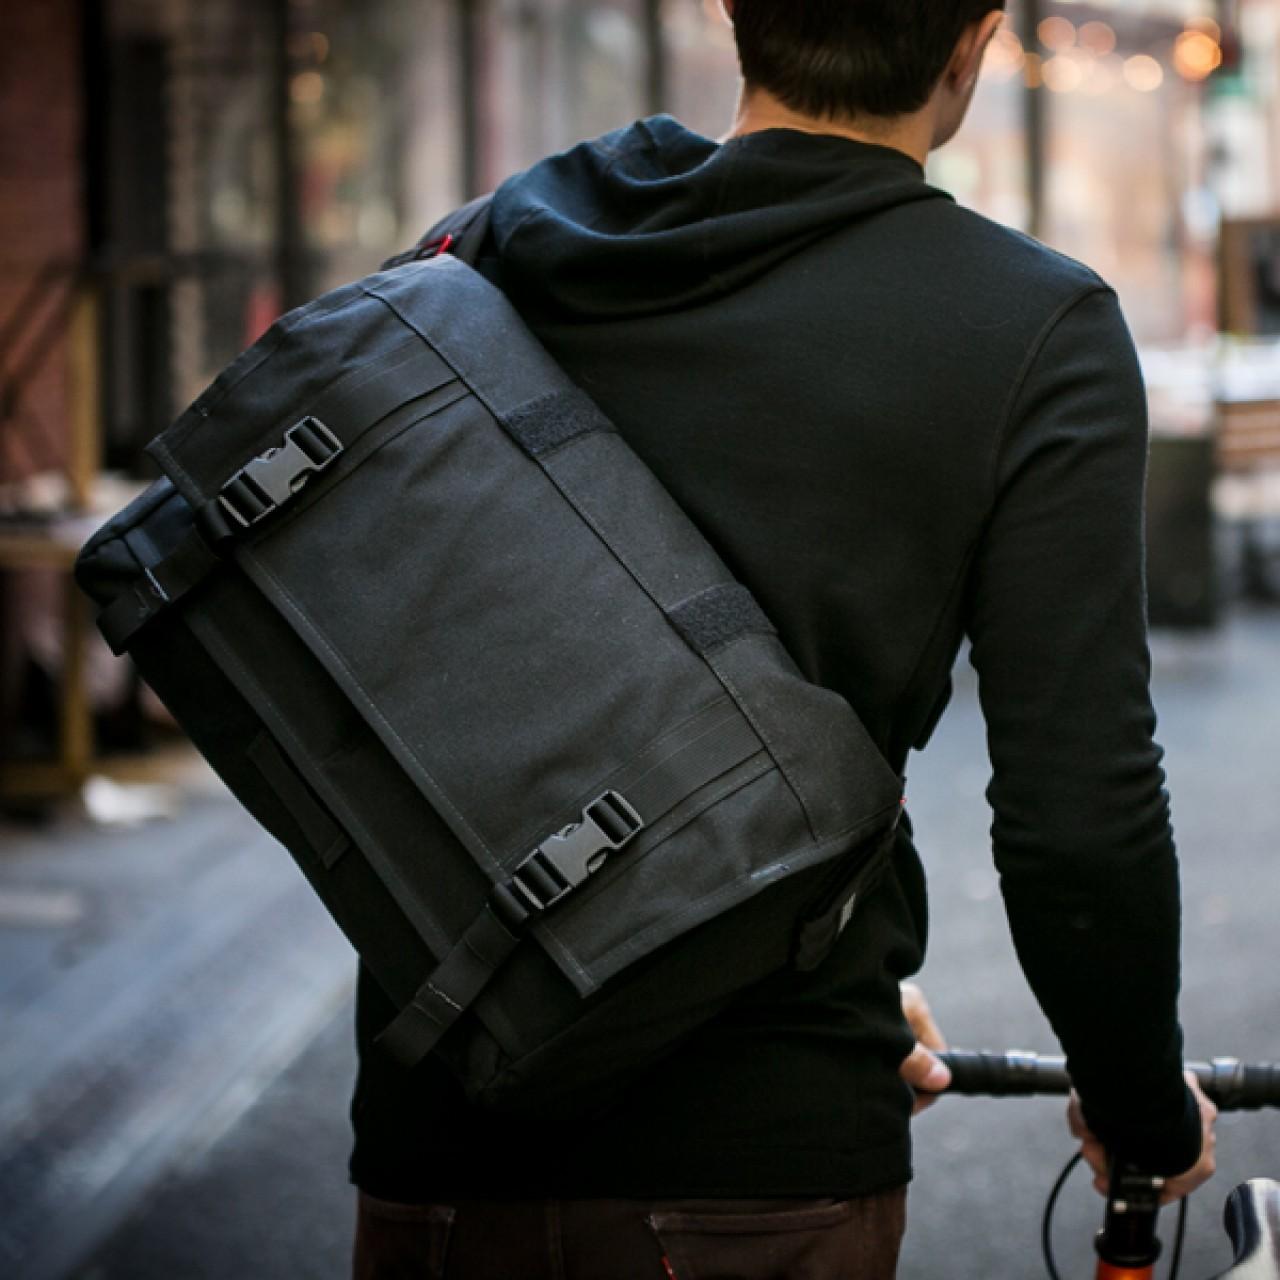 Mission Workshop - Monty Roll Top Messenger Bag, 169,90 €